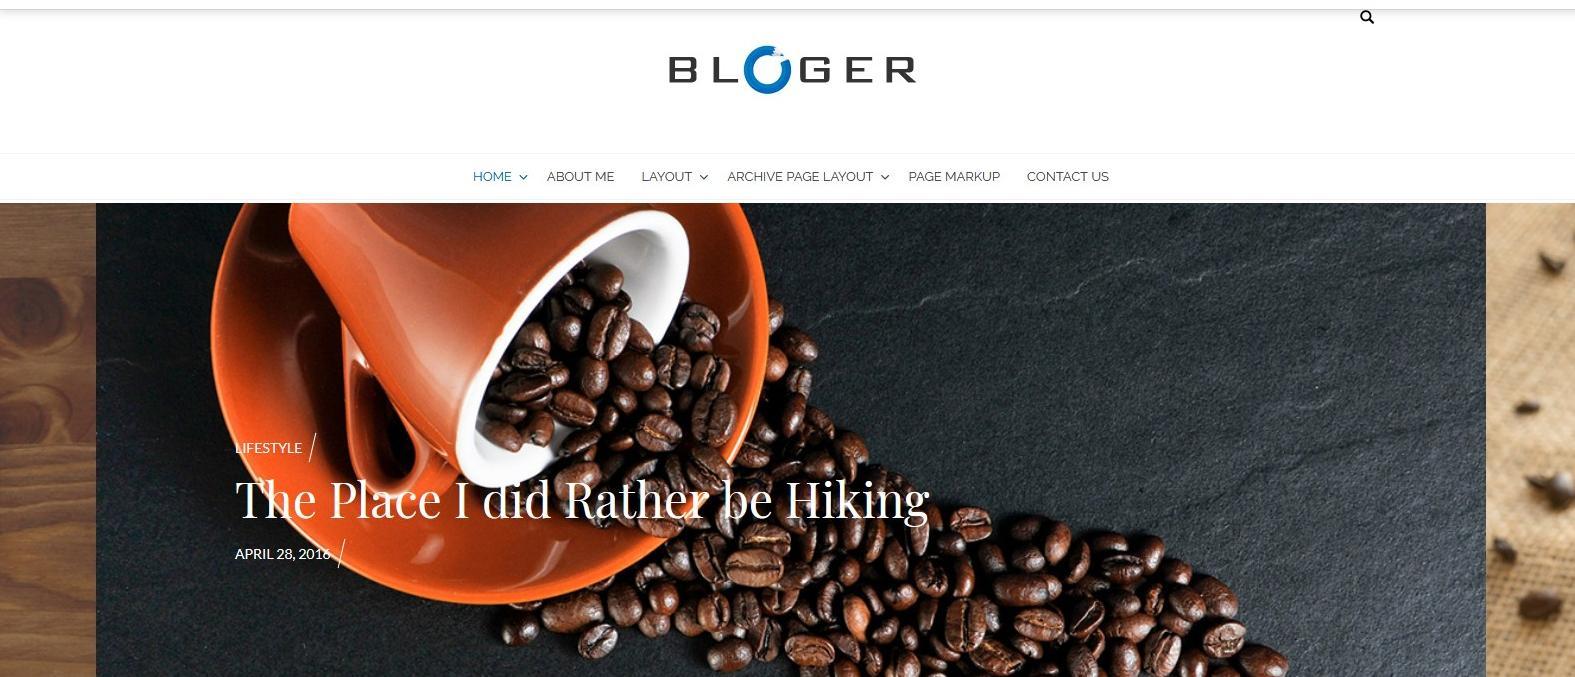 Демо-сайт с темой Bloger